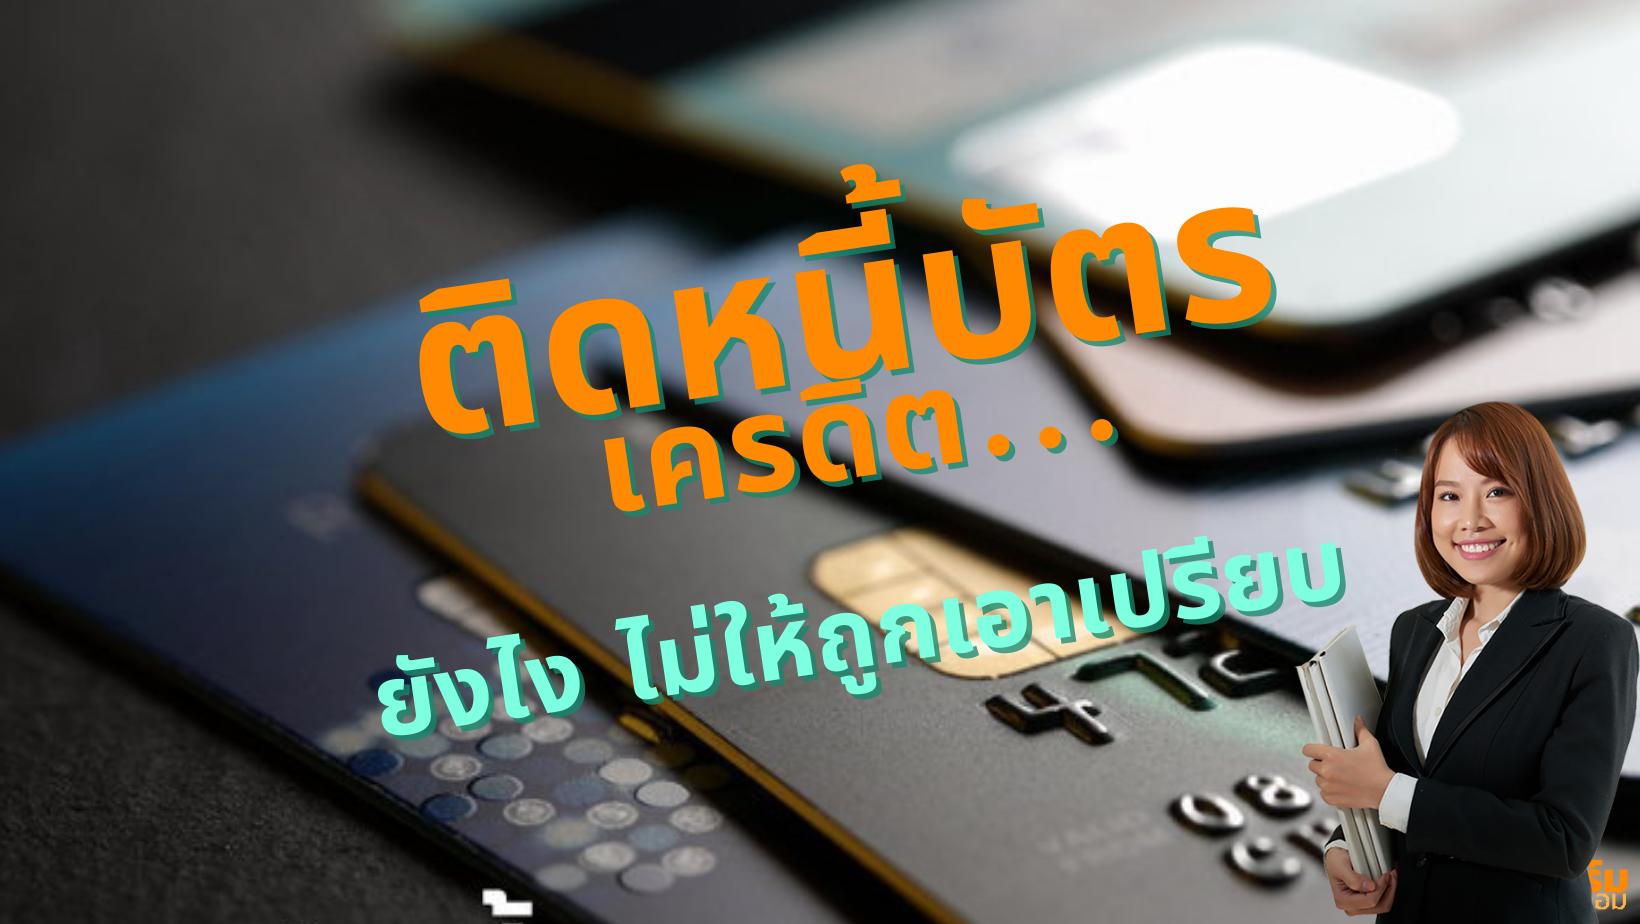 ติดหนี้บัตรเครดิต ทำอย่างไร